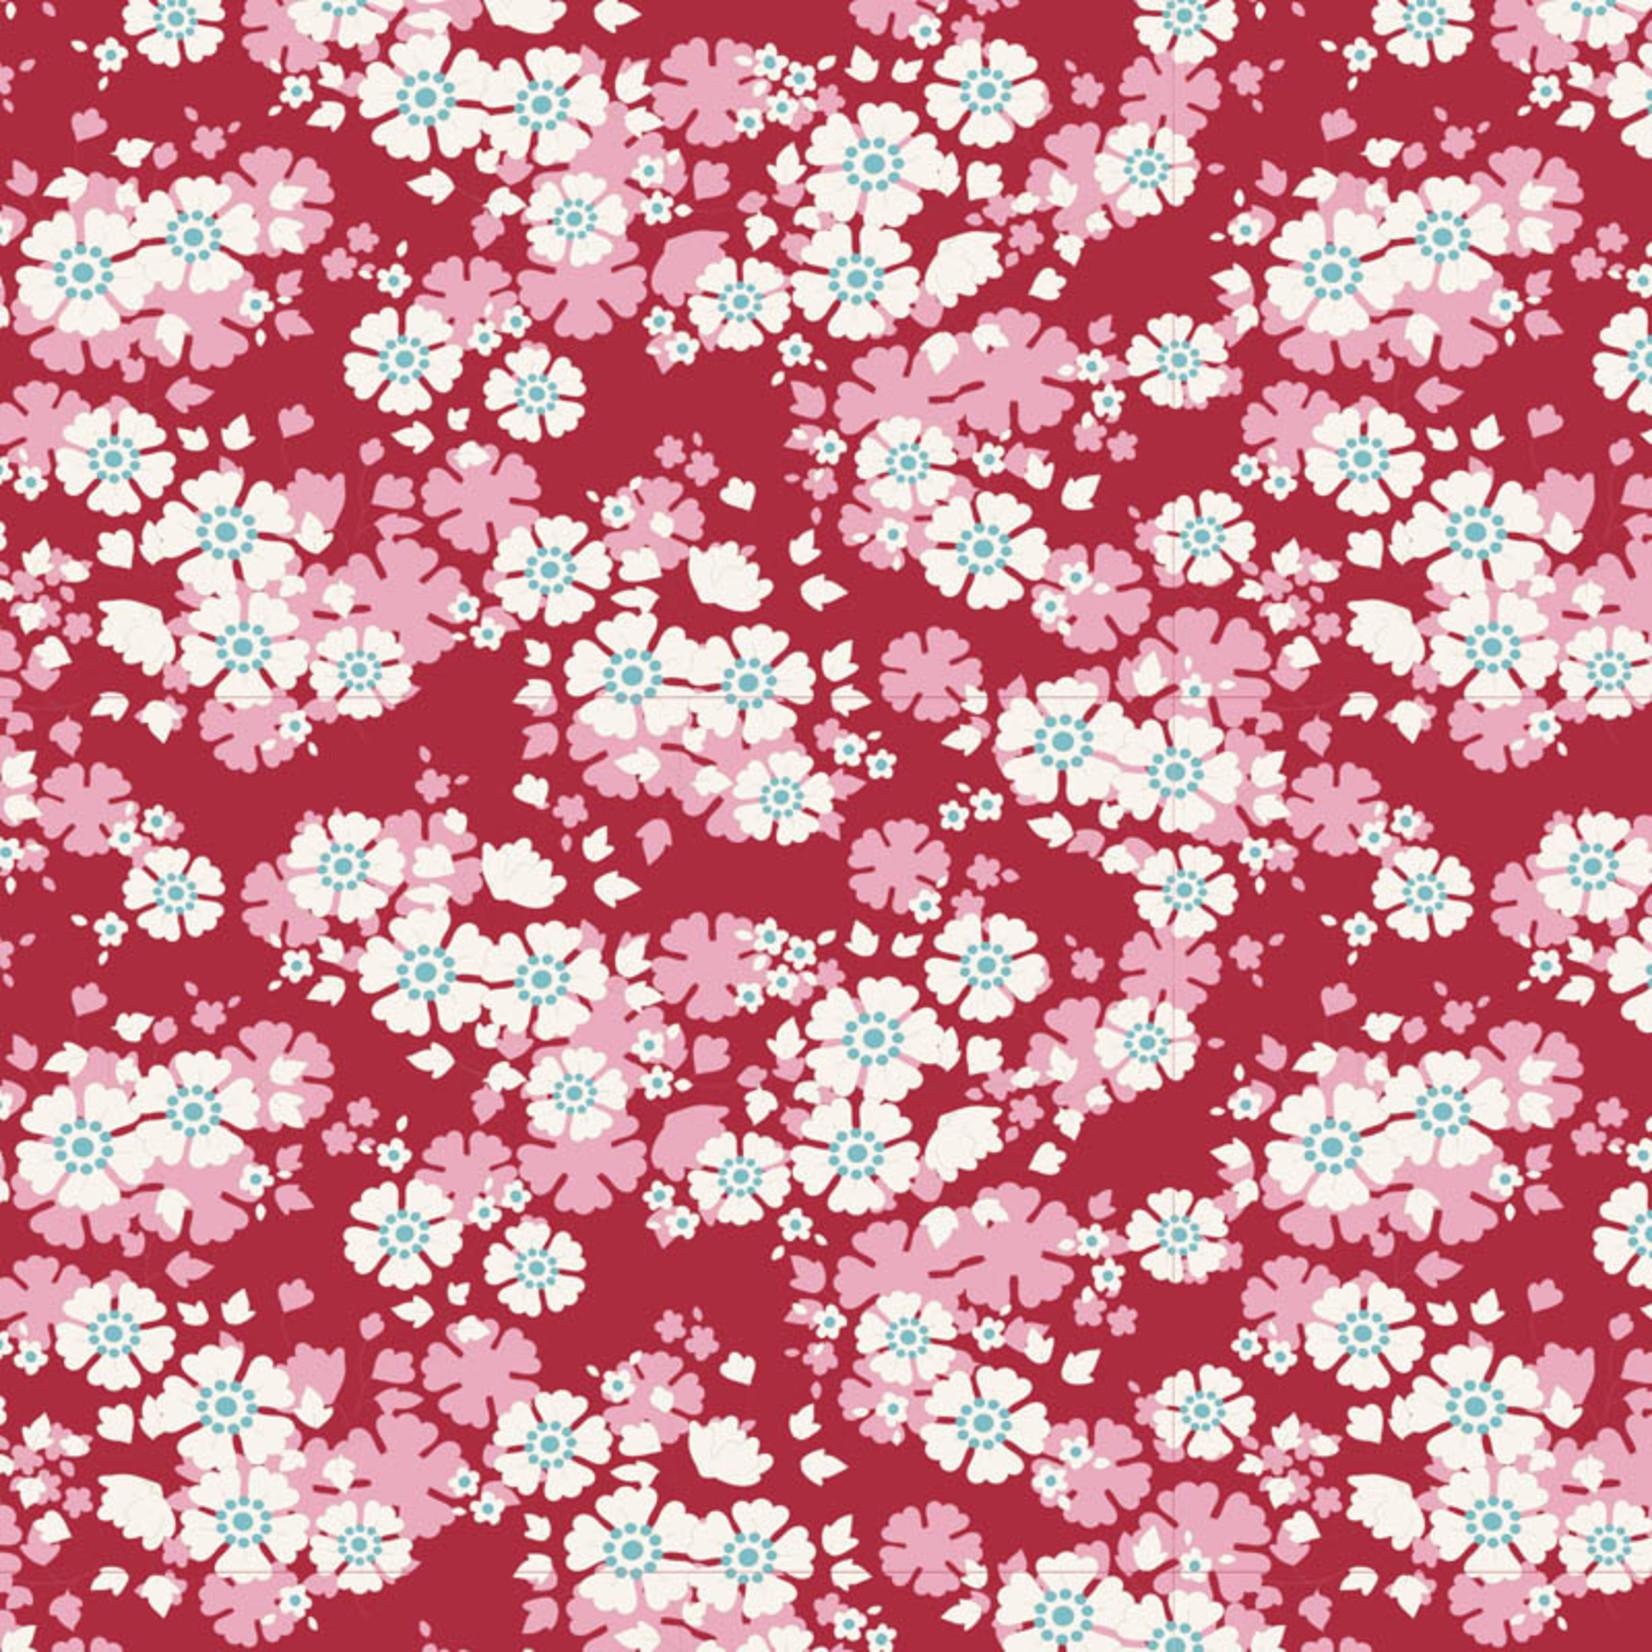 Tilda Woodland, Aster Floral, Carmine Red 100295 per cm or $20/m